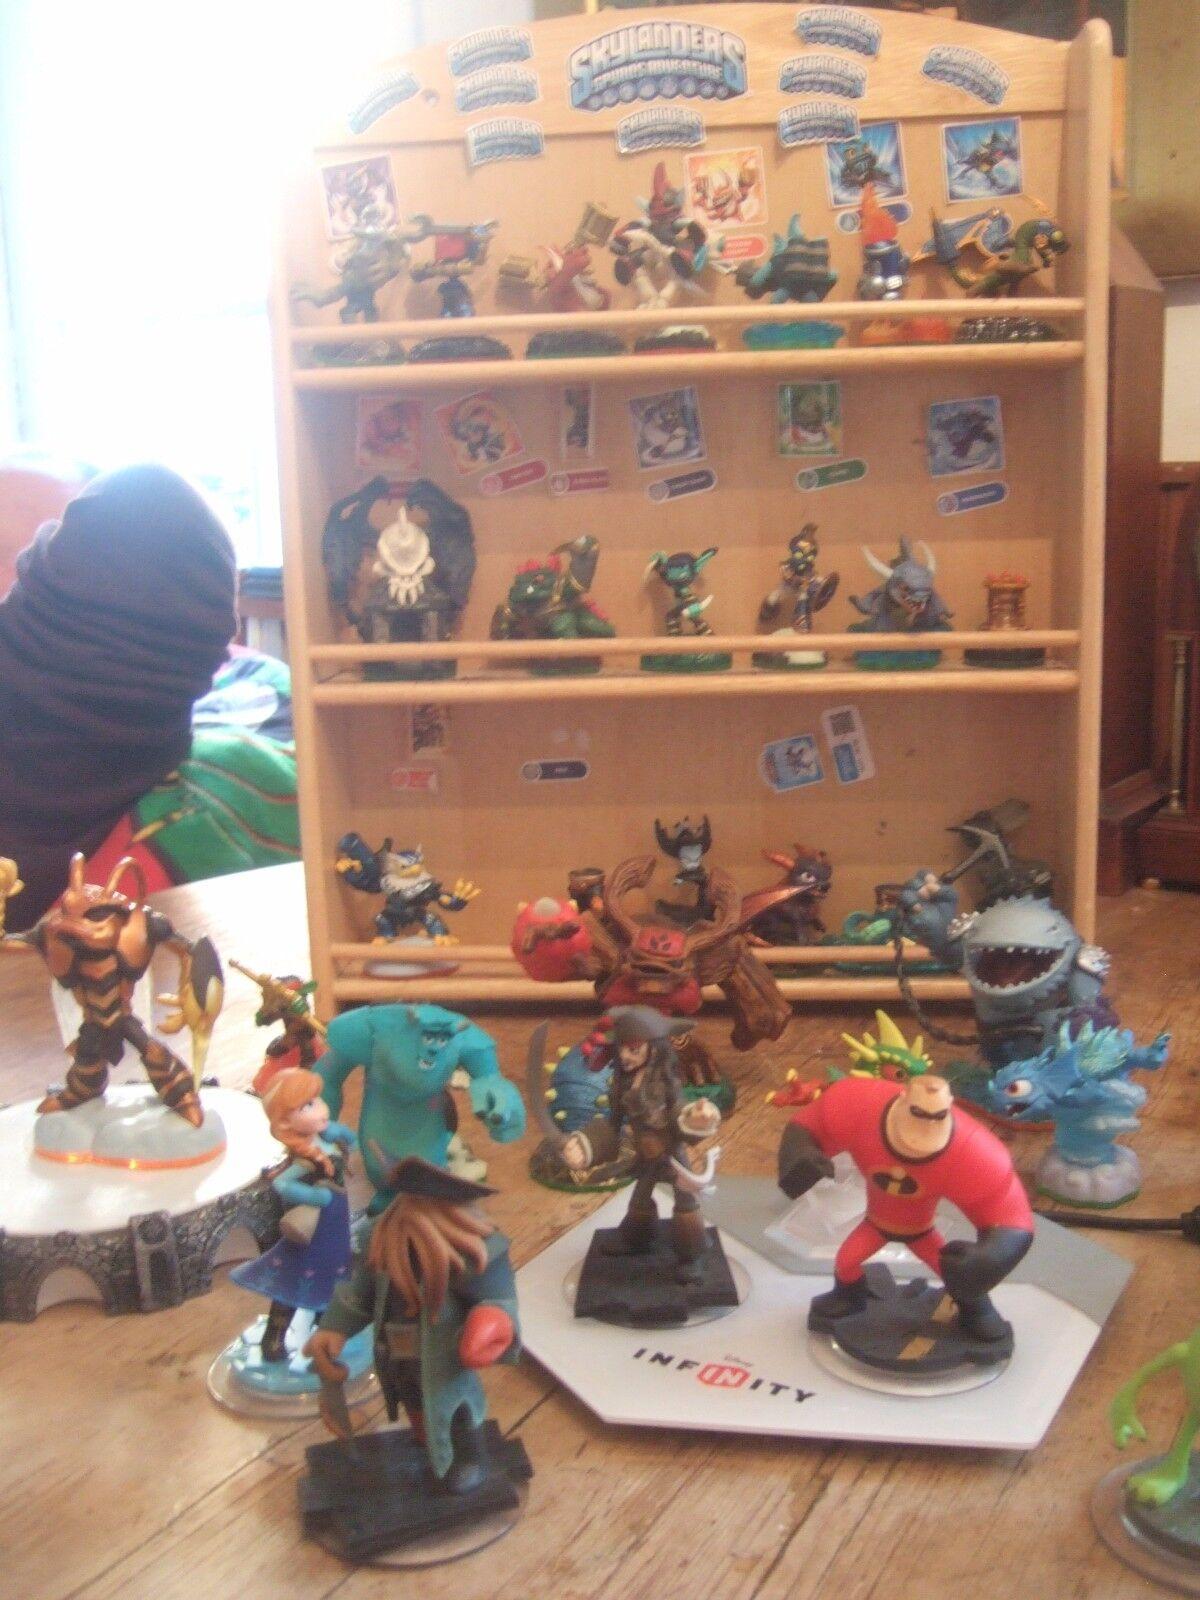 Il gioco Skylander e il gioco Skylander Infinity Figure con portali e custodia in legno